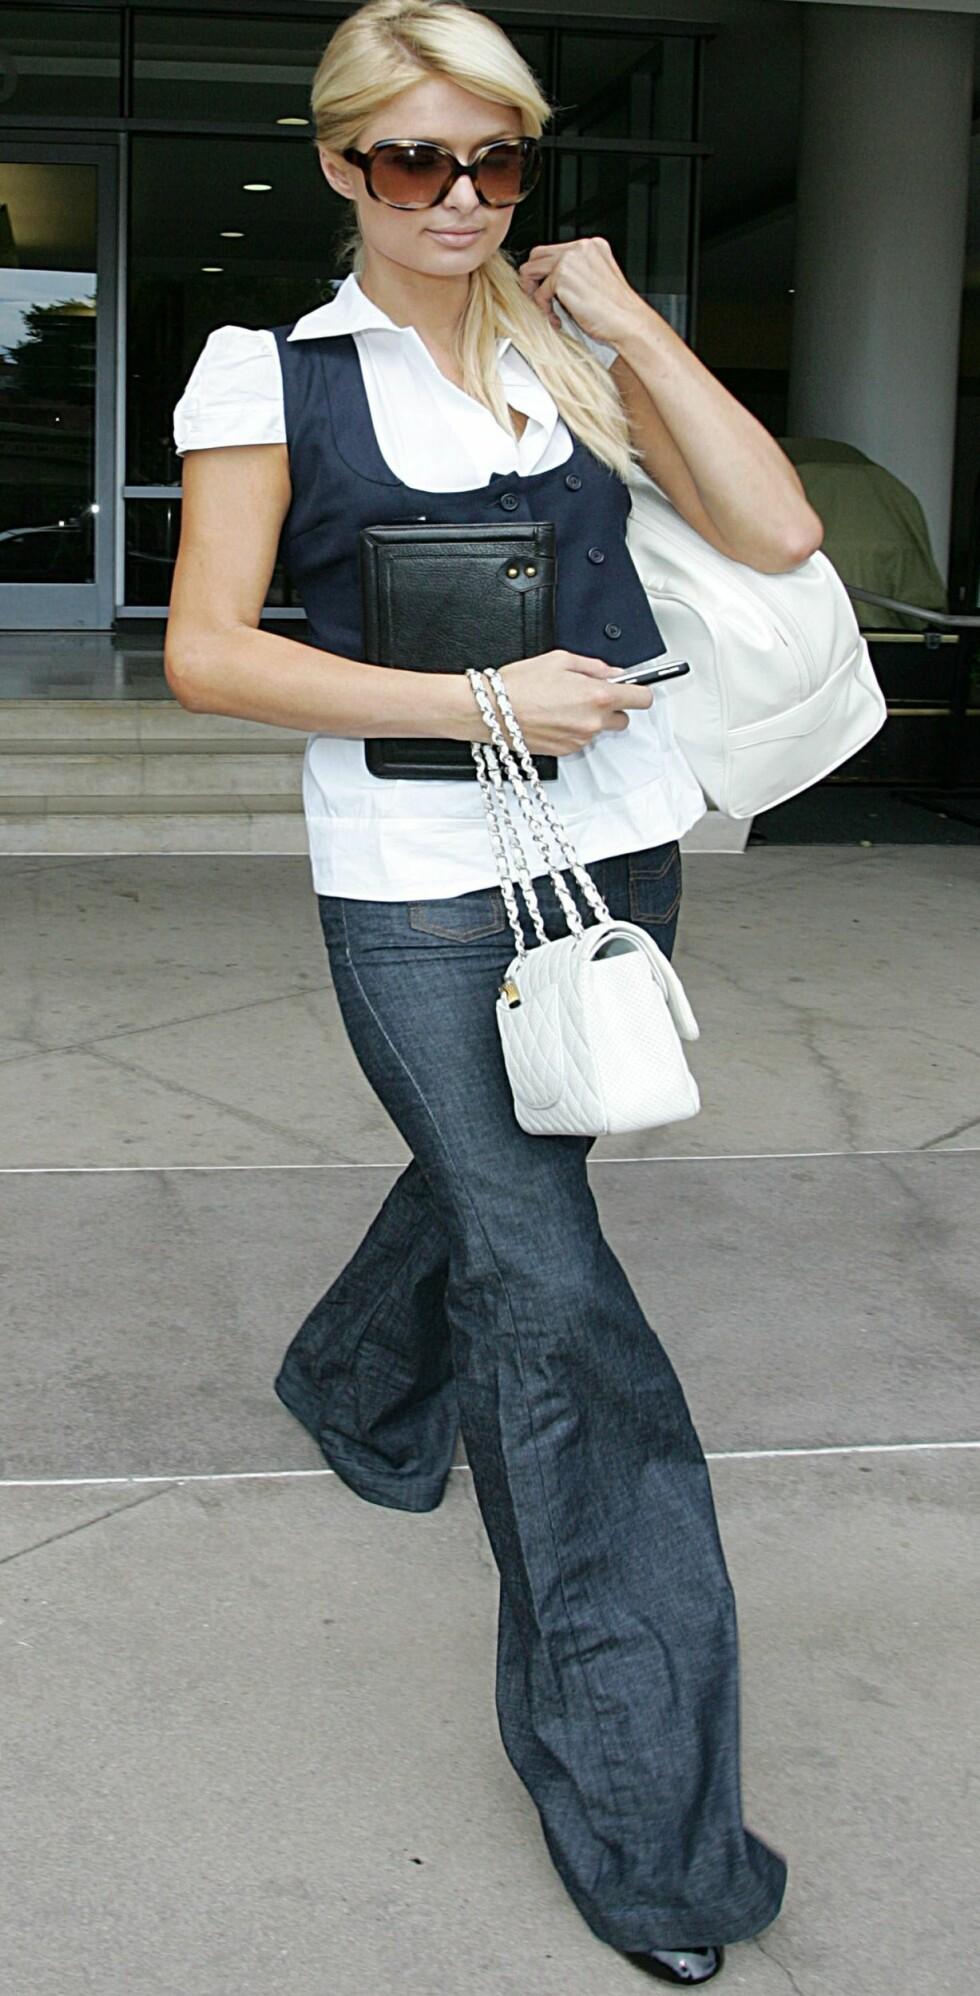 Paris Hilton ble nylig sett i Hollywood i vide slengbukser med små lommer.